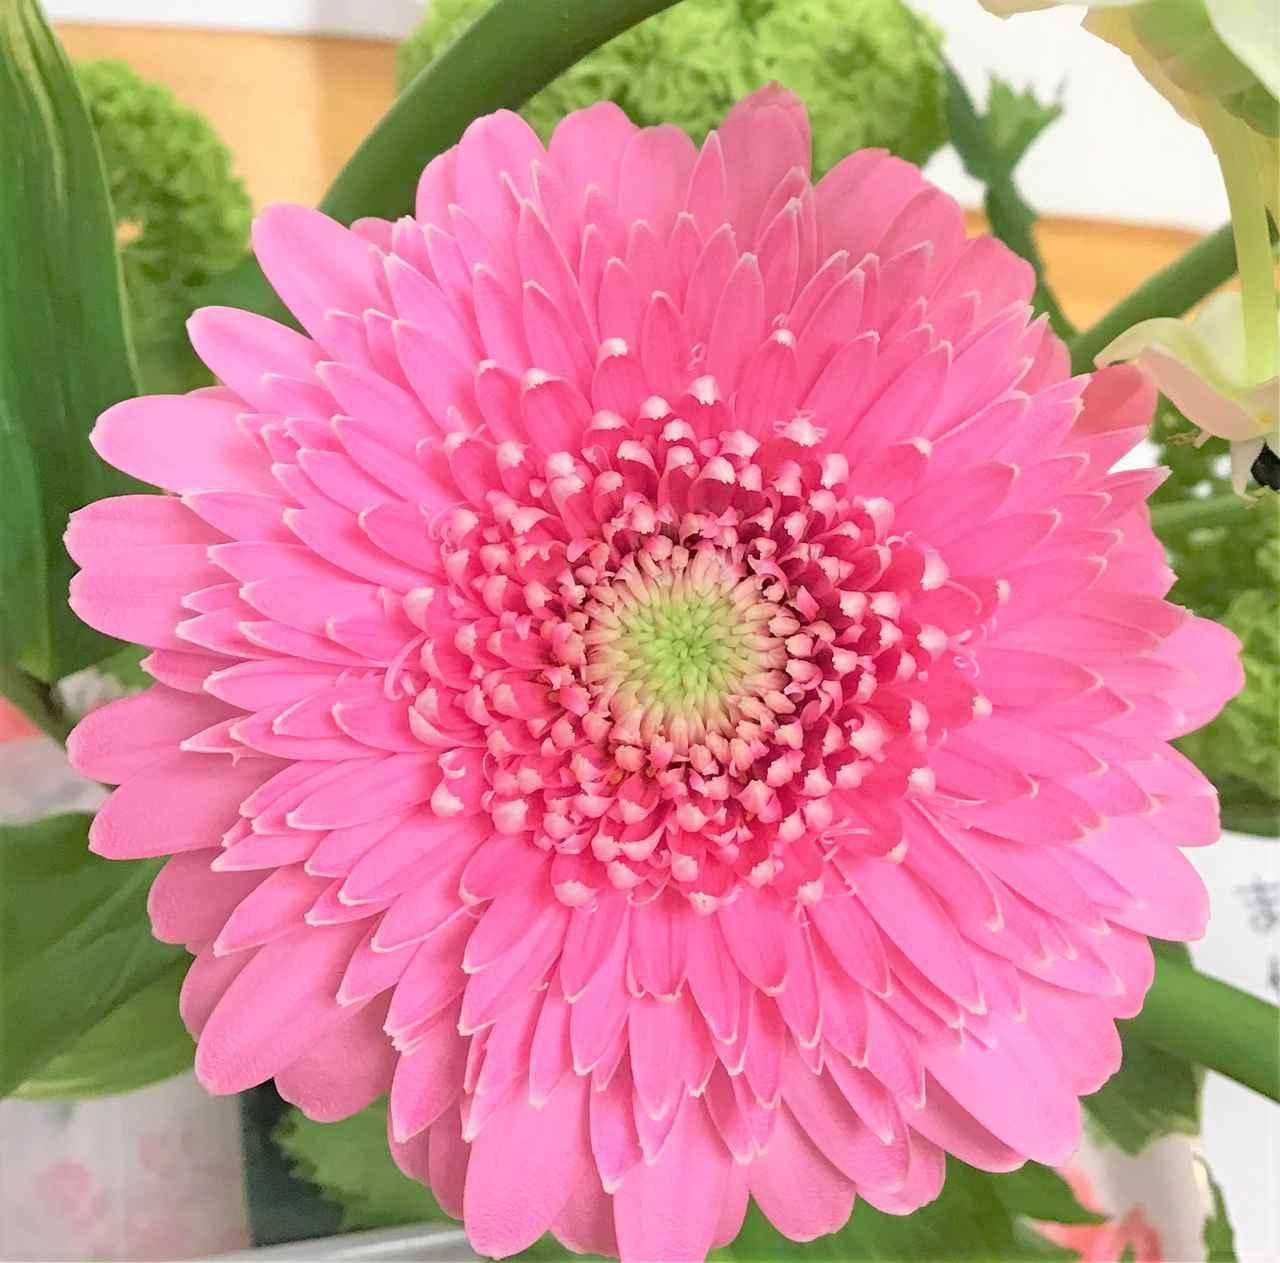 画像1: 『本日のお花たち』をご紹介。 ・ガーベラ(トレーシー) ・オニソガラム(サンペルシー) ・ビバーナム(スノーボール) ・ナルコラン